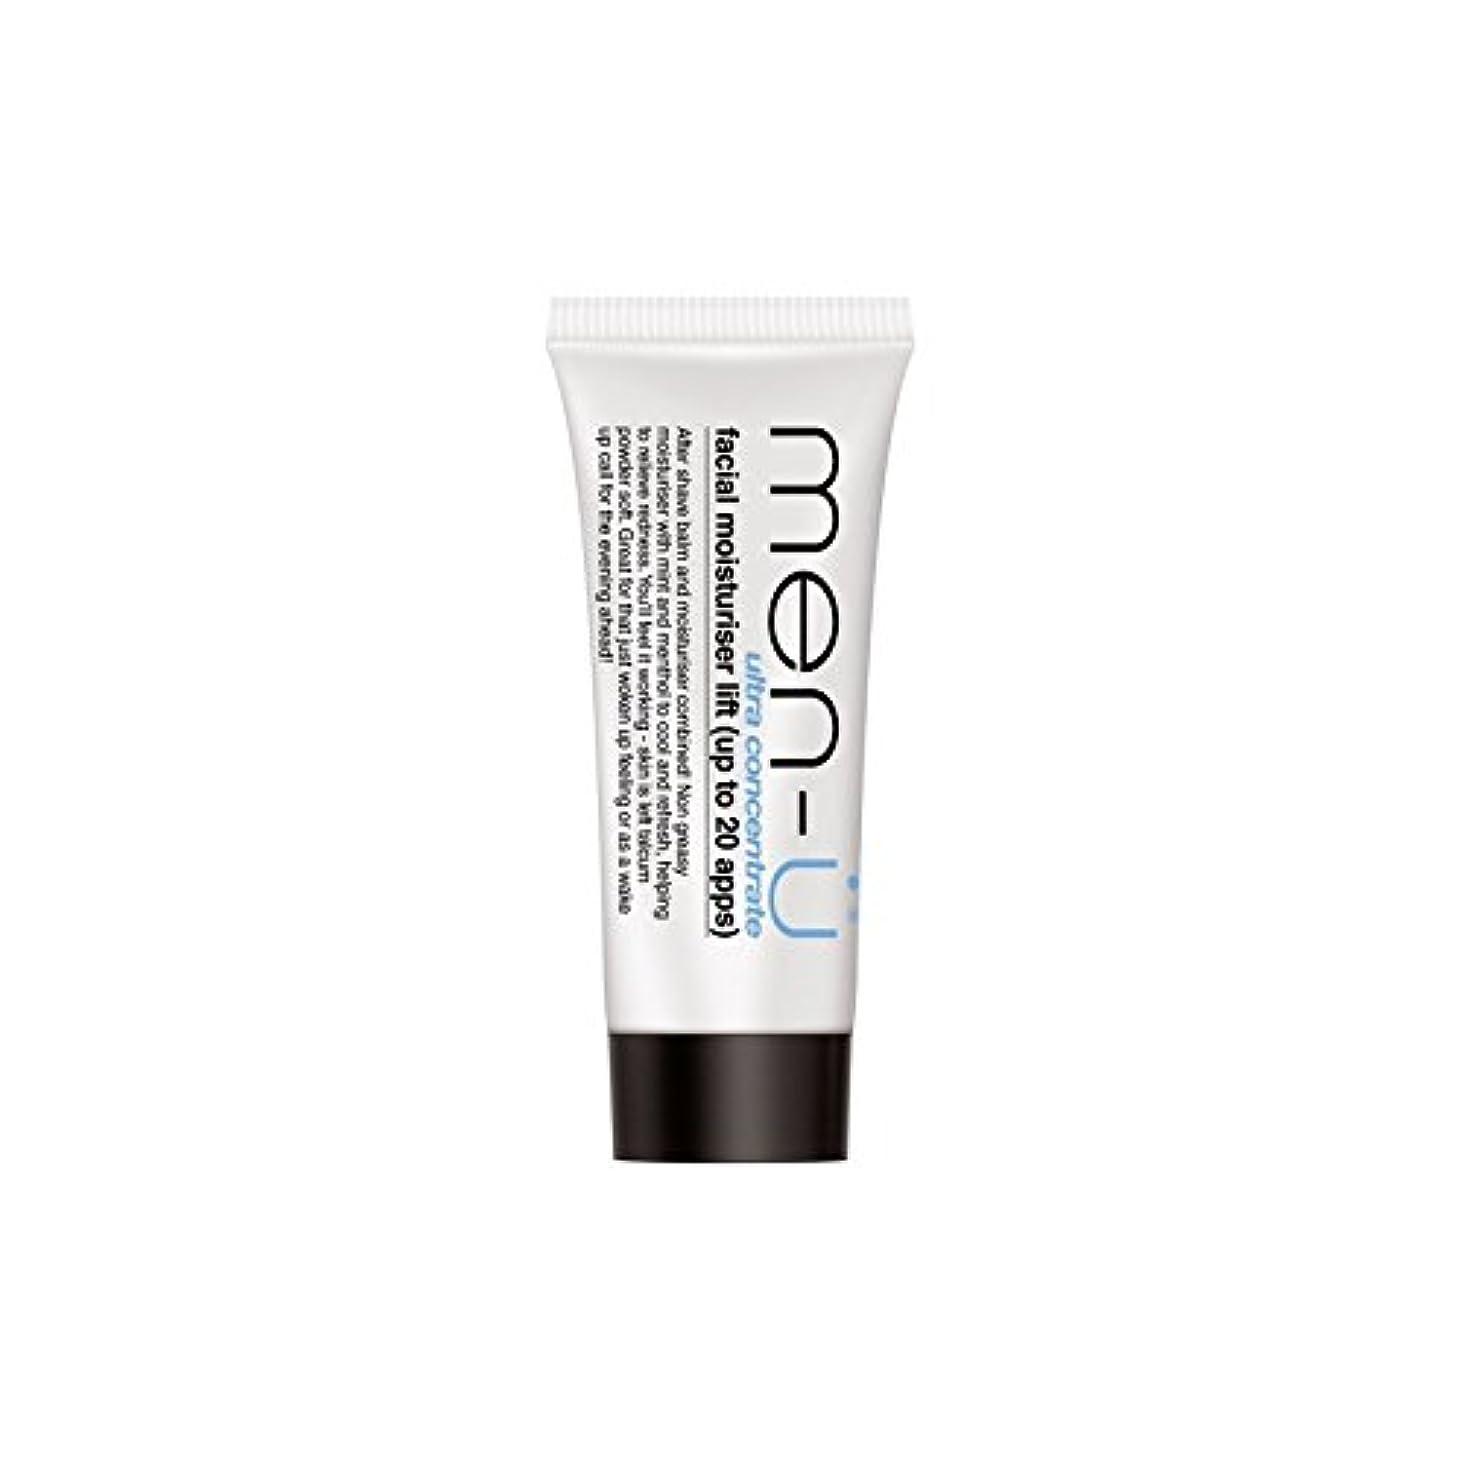 制裁プロフェッショナルラボ男性-のバディ顔の保湿剤のリフトチューブ(15ミリリットル) x2 - Men-? Buddy Facial Moisturiser Lift Tube (15ml) (Pack of 2) [並行輸入品]